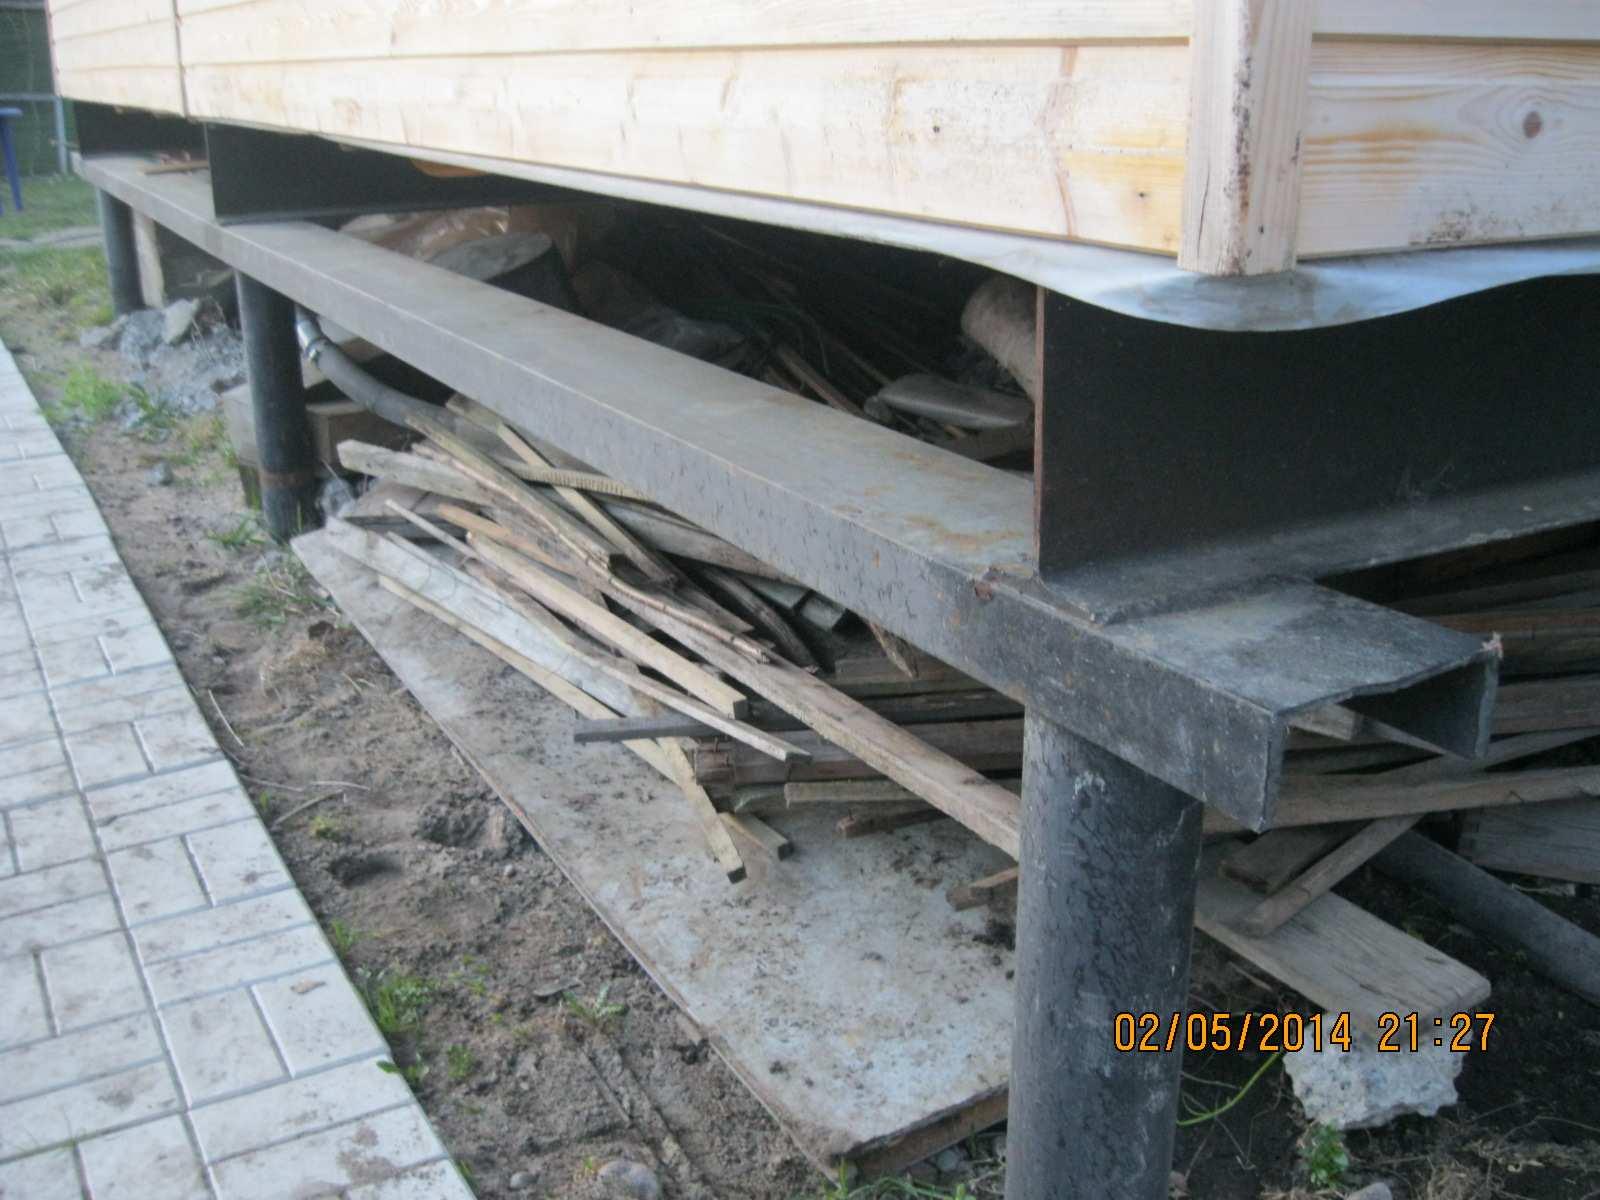 Ремонт фундамента винтовыми сваями замена перенос реконструкция демонтаж старого основания вашего дома а также отзывы